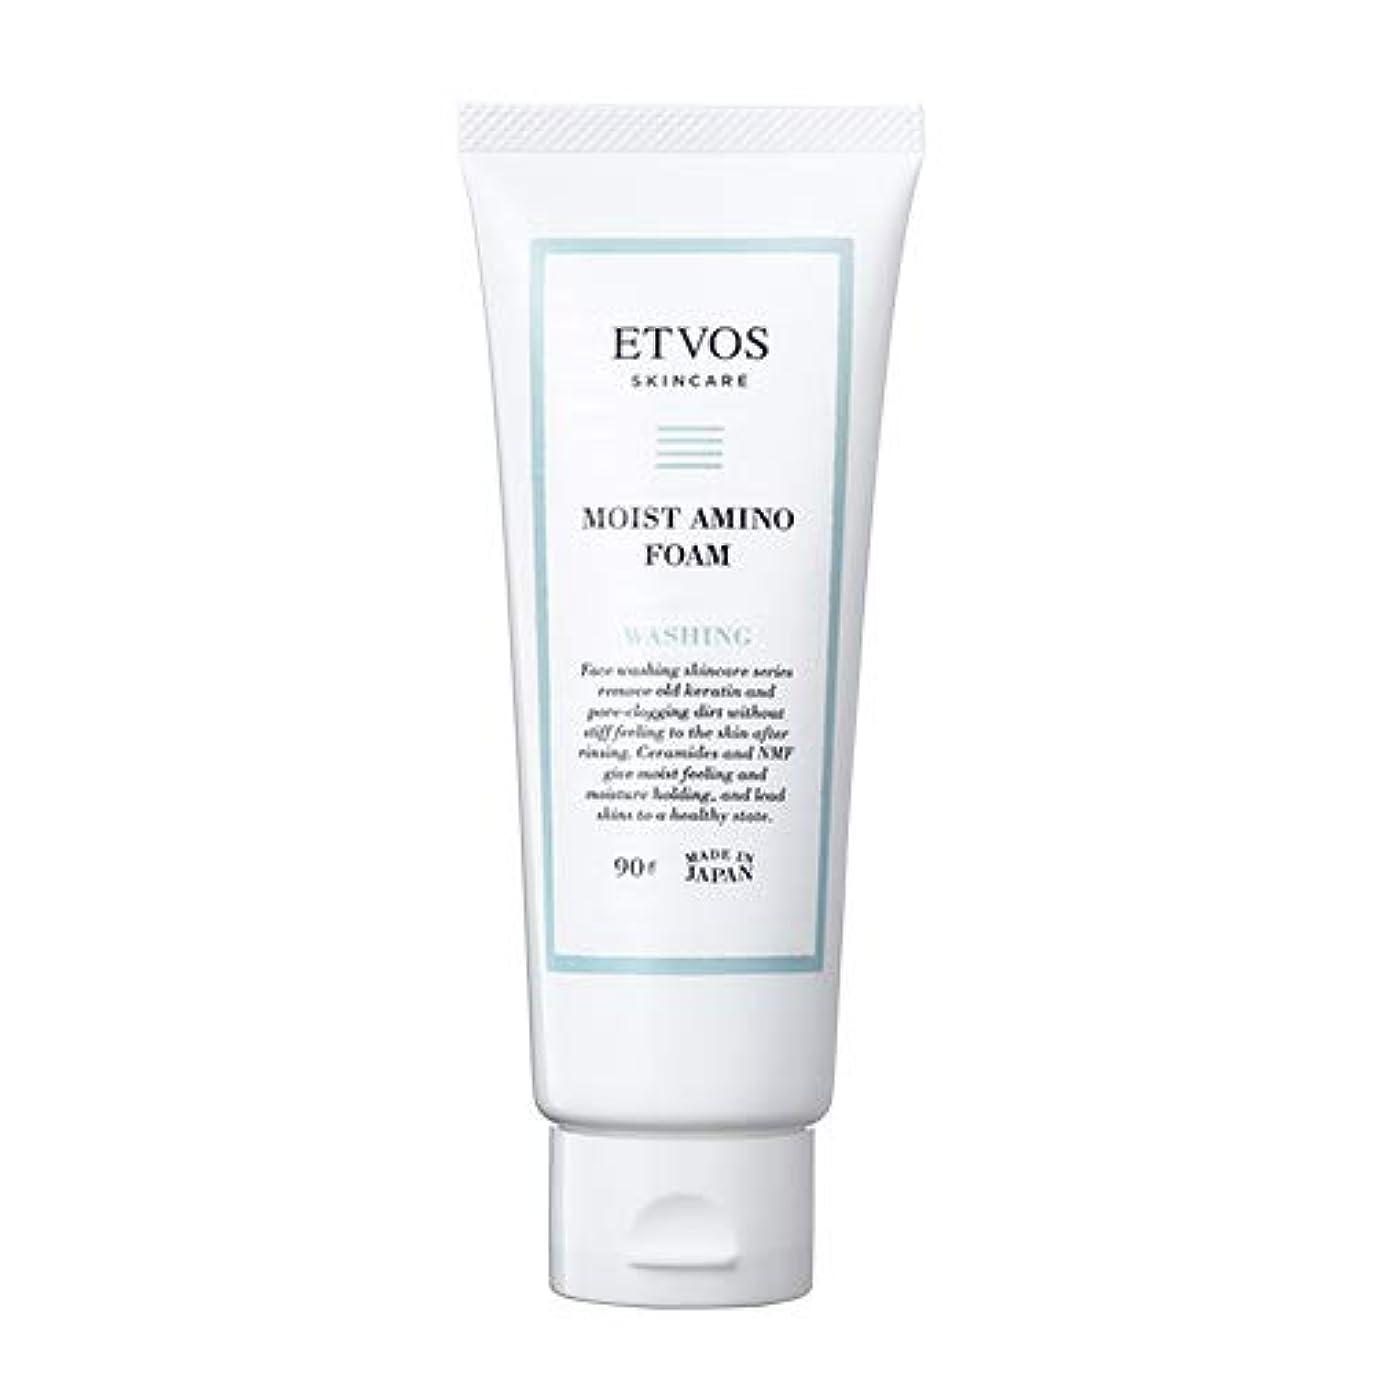 面平方トレイルETVOS(エトヴォス) 洗顔フォーム モイストアミノフォーム 90g ヒト型セラミド アミノ酸系 乾燥肌/敏感肌